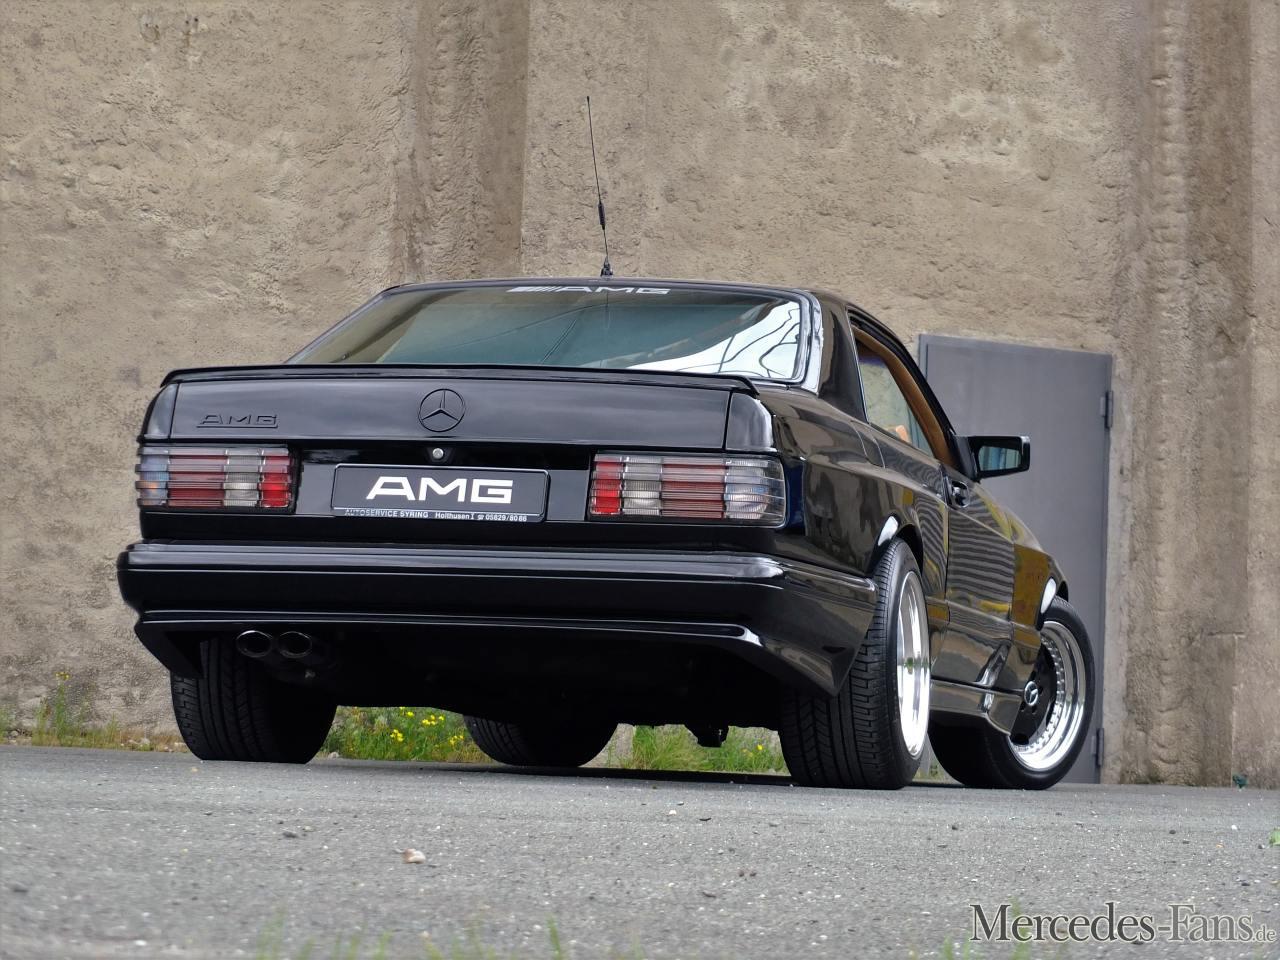 Mercedes-Benz 500 SEC AMG: Schwarz. Breit. Stark: Der 82er